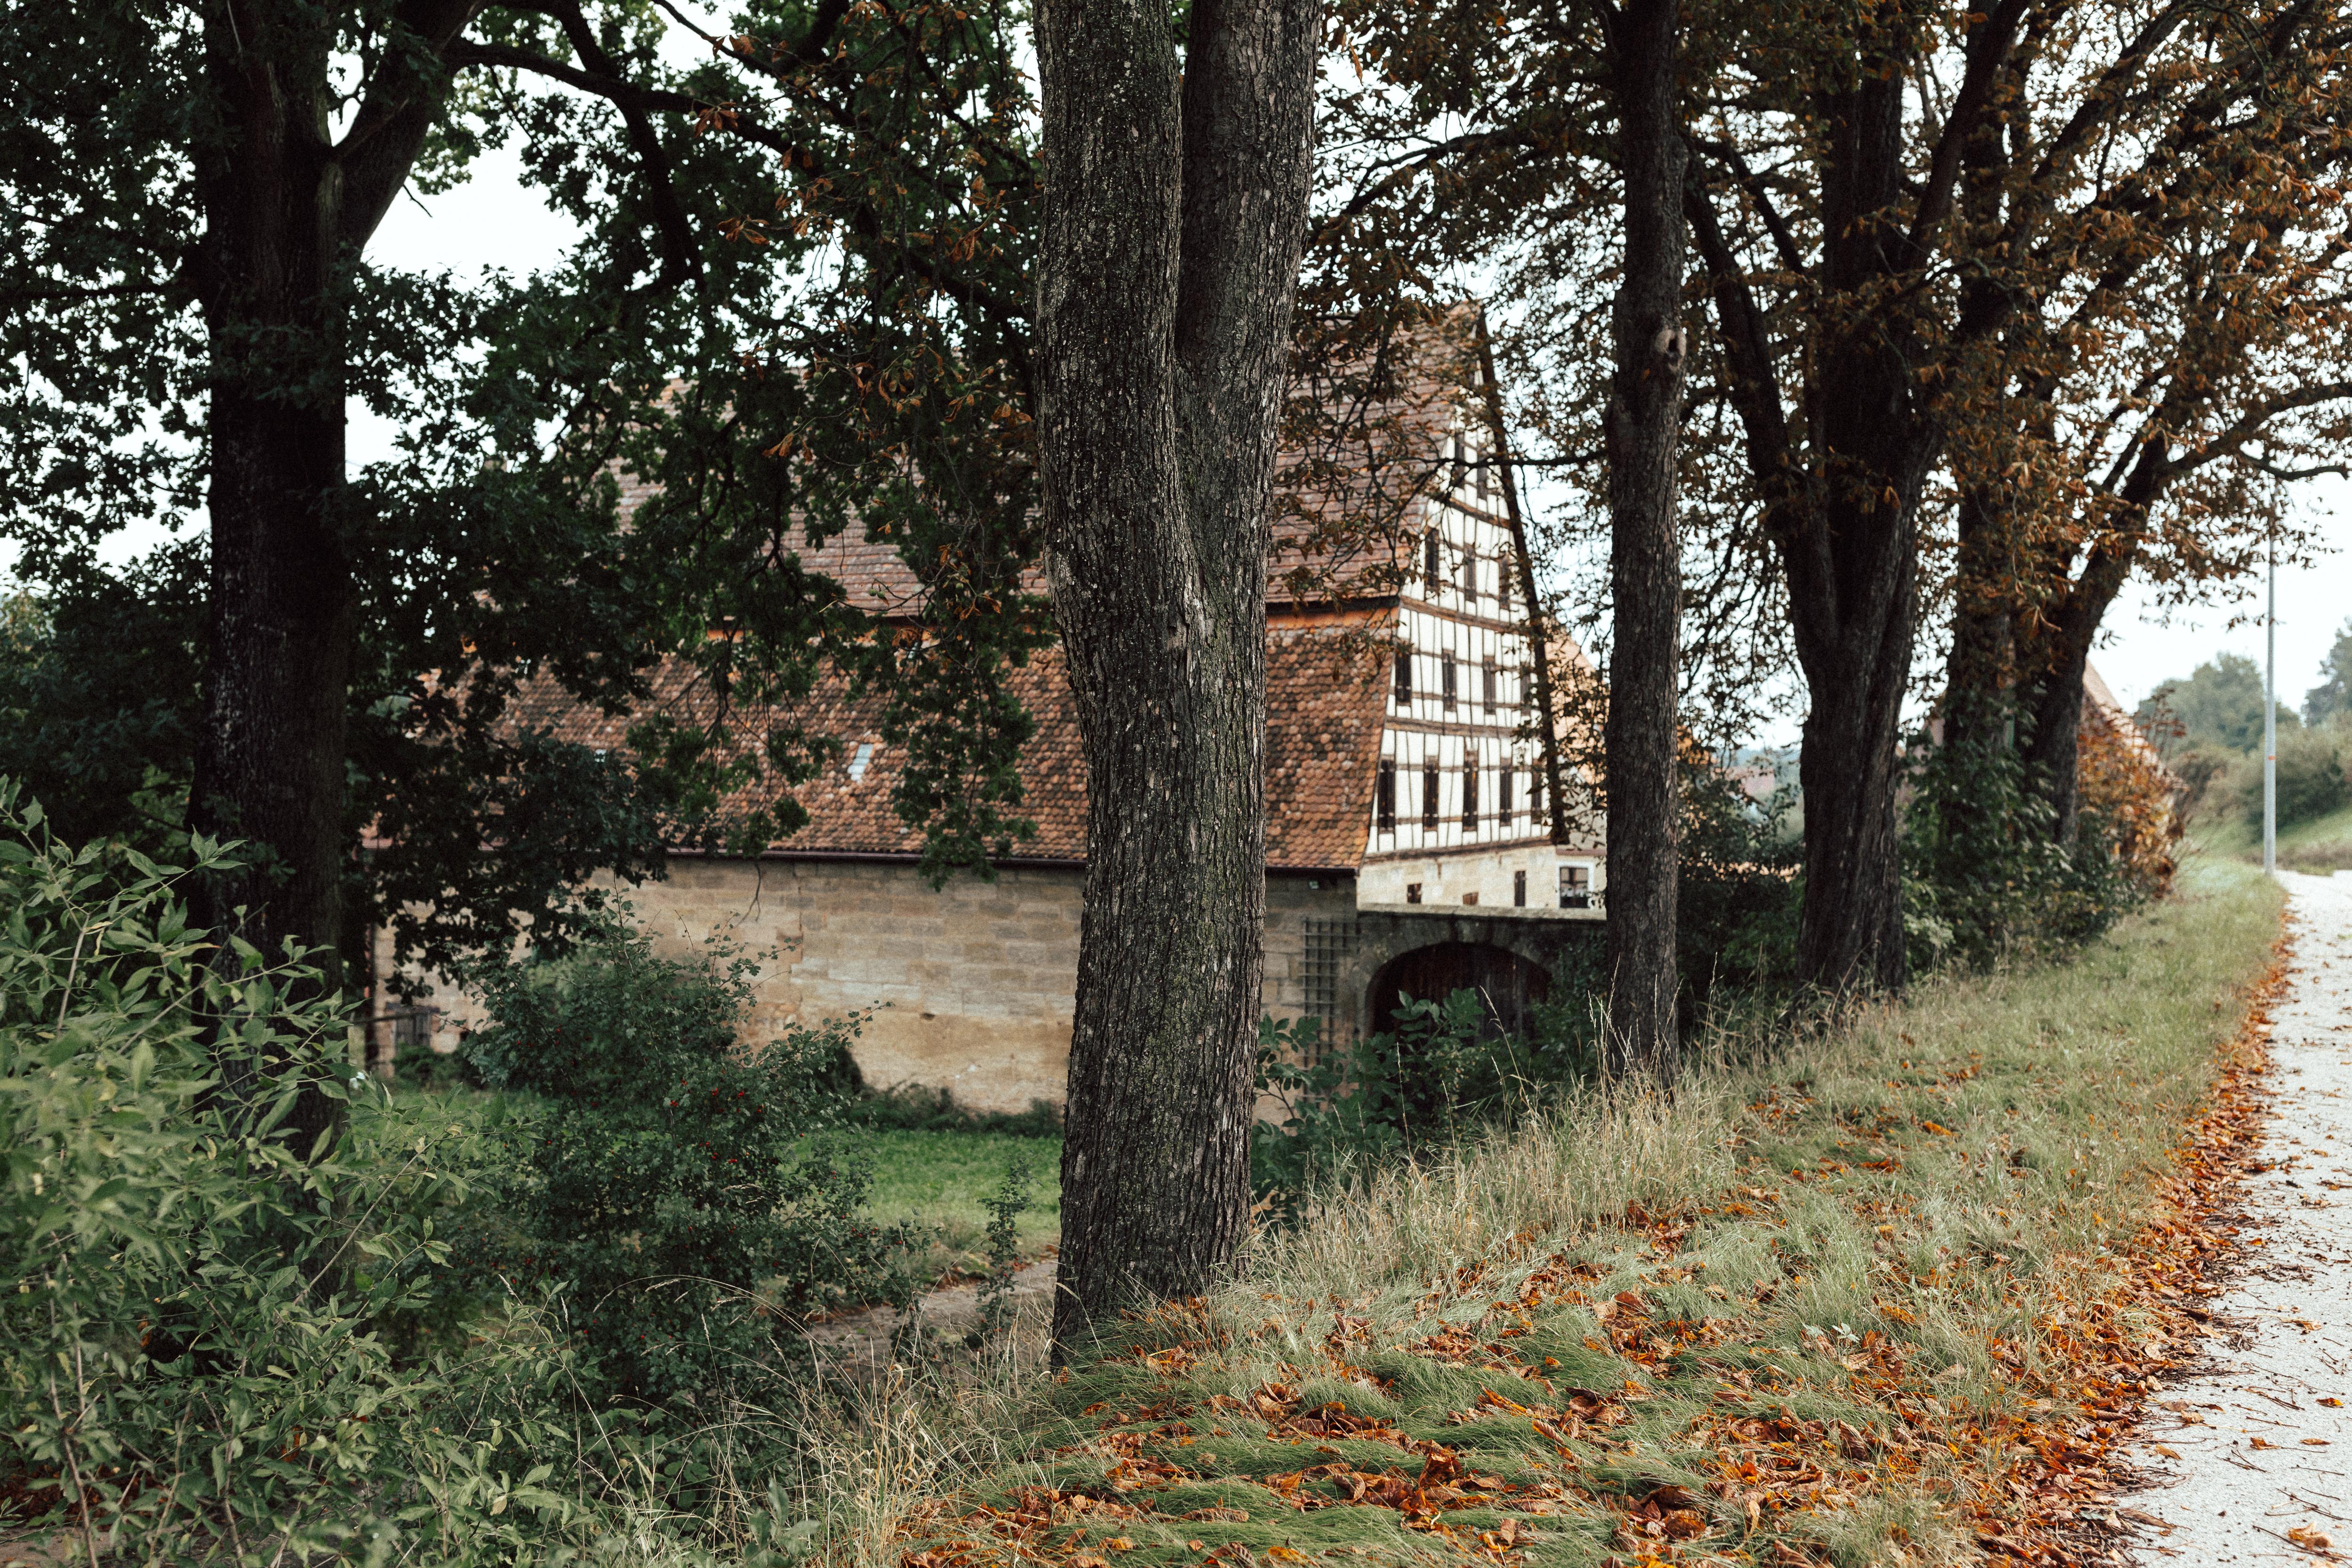 URBANERIE_Daniela_Goth_Fotografin_Nürnberg_Fürth_Erlangen_Schwabach_170902_004_0013